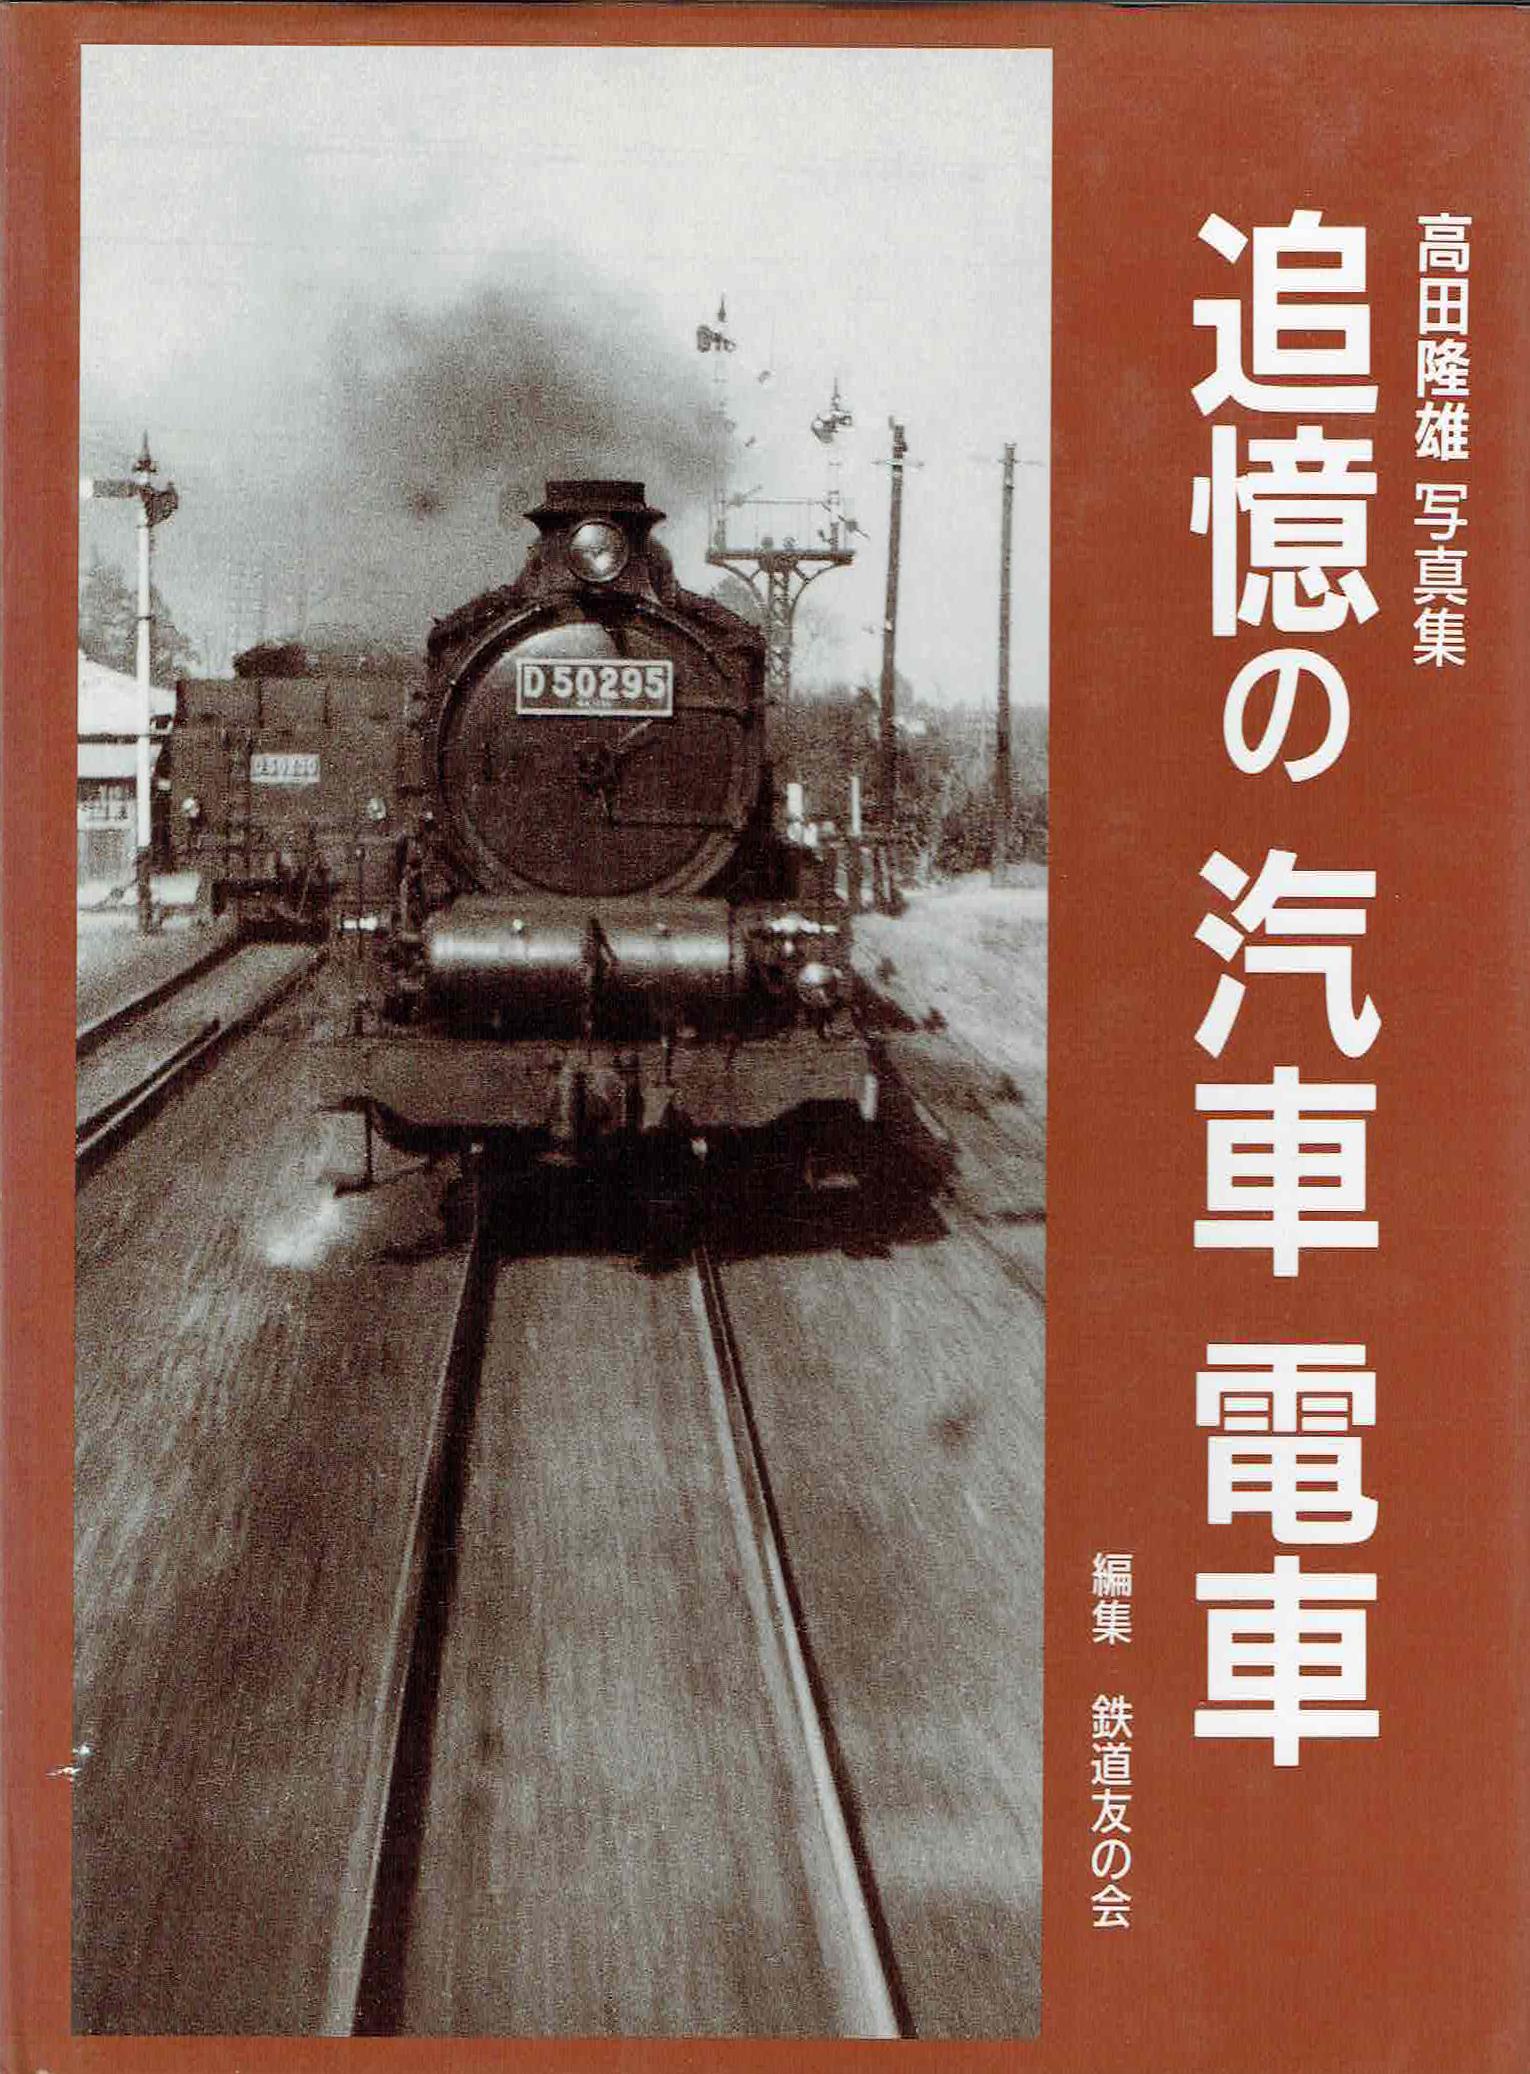 鉄道の古本買取なら黒崎書店